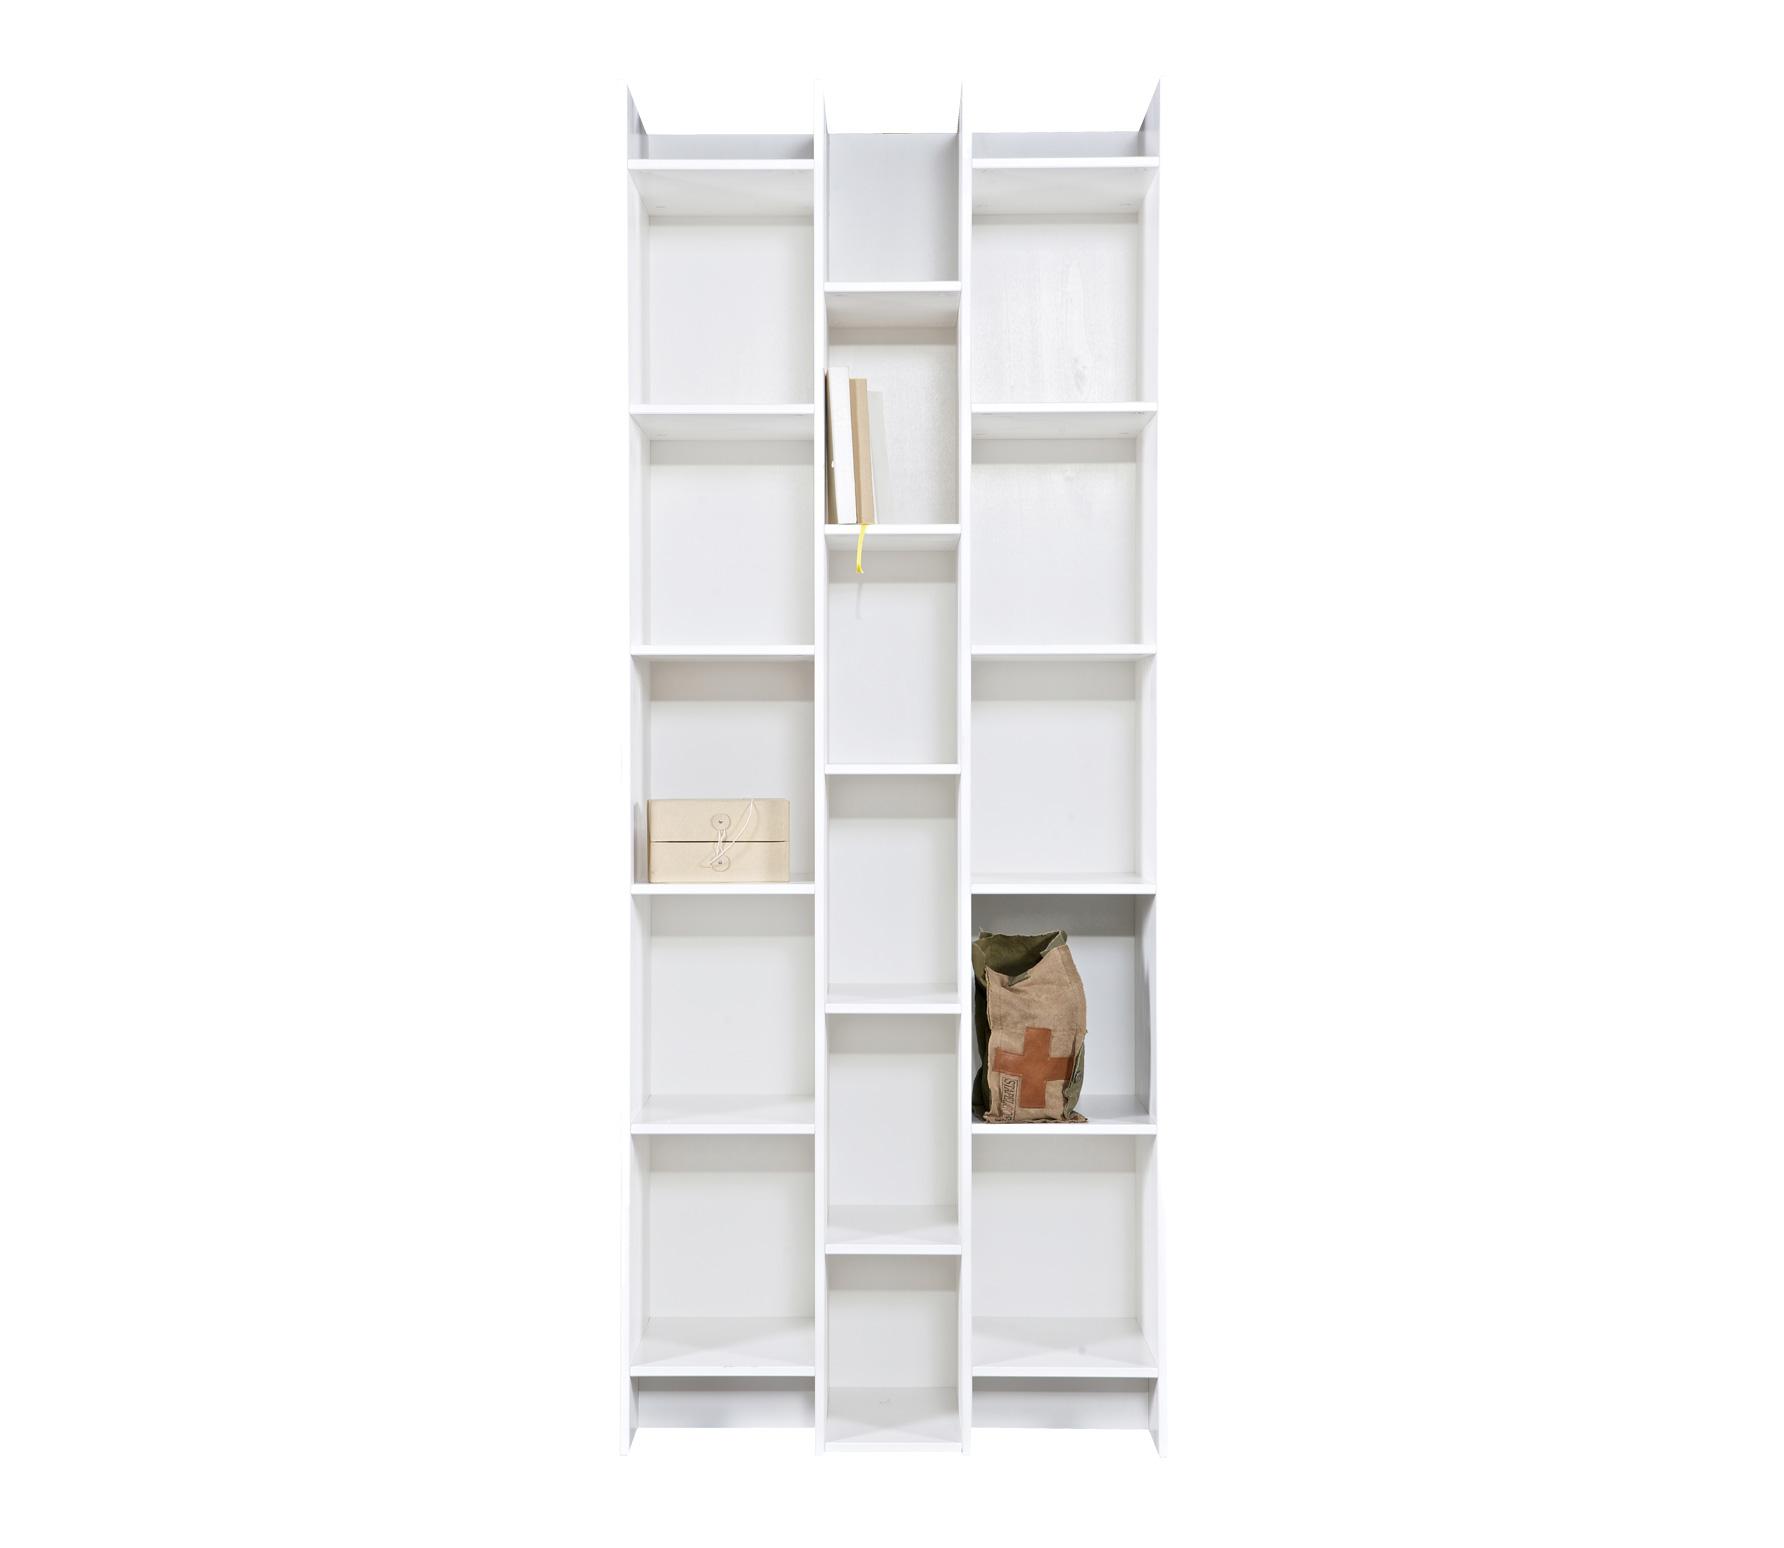 Wit Houten Boekenkastje.Woood Expand Boekenkast Vakkenkast 200x80x35 Cm Grenen Wit Standaard